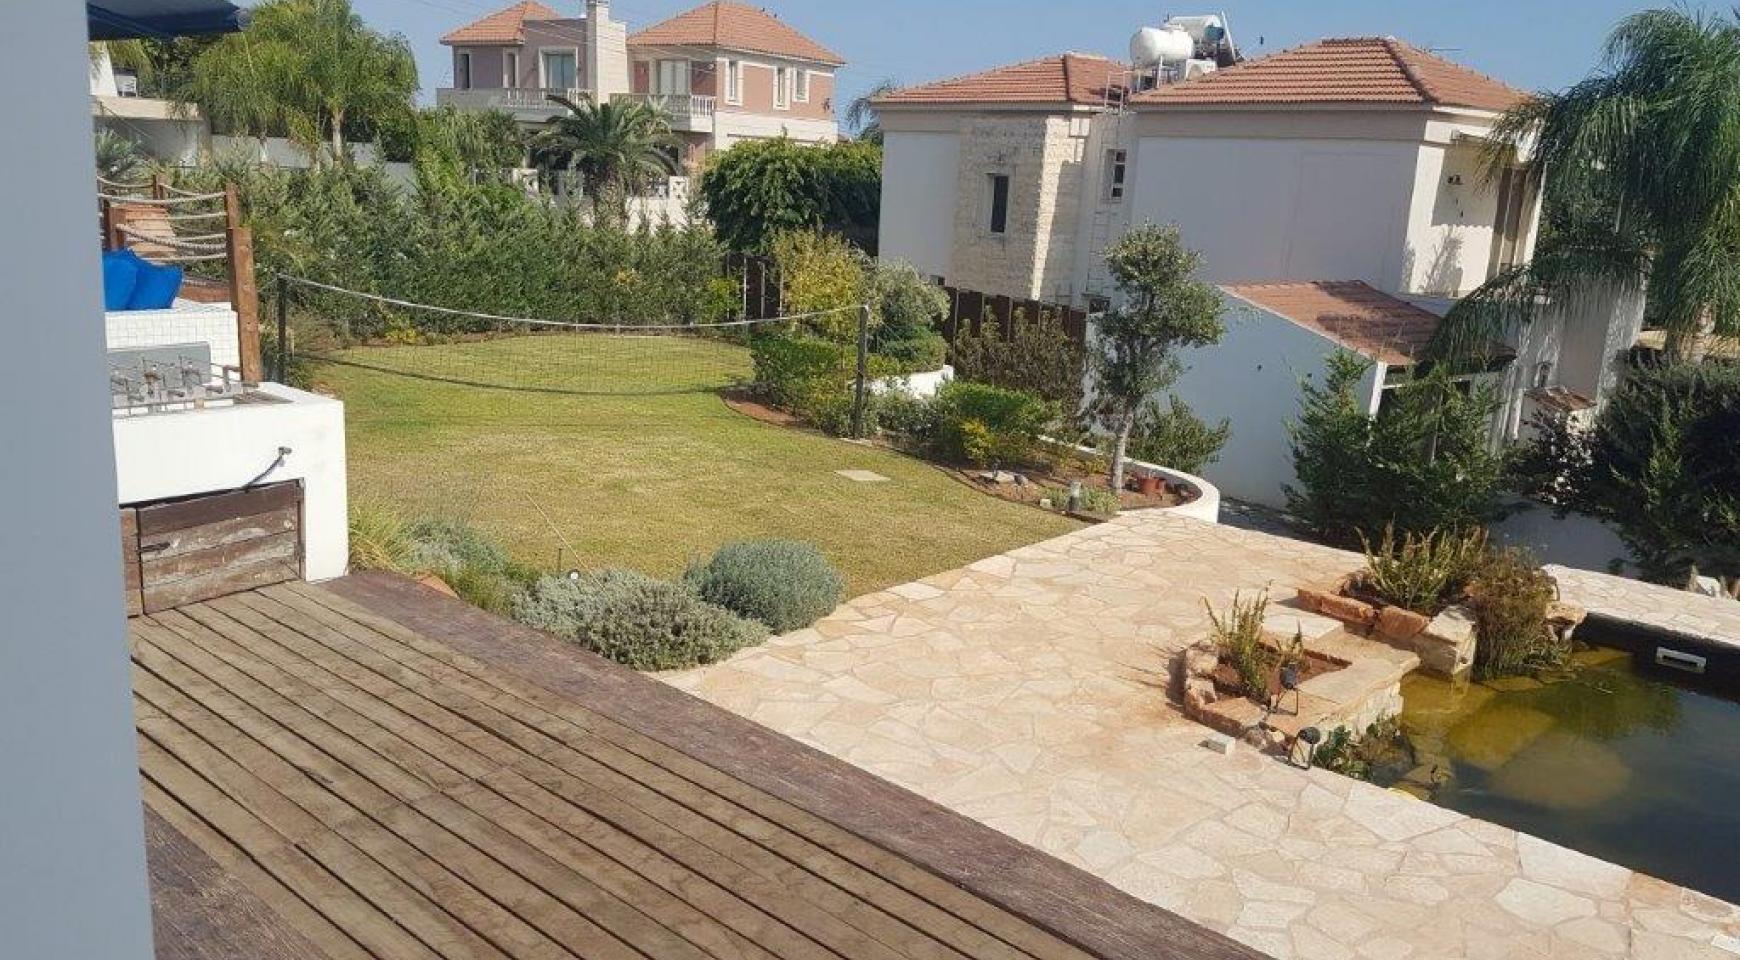 5 Bedroom Villa with Sea Views in Agios Tychonas Area - 2